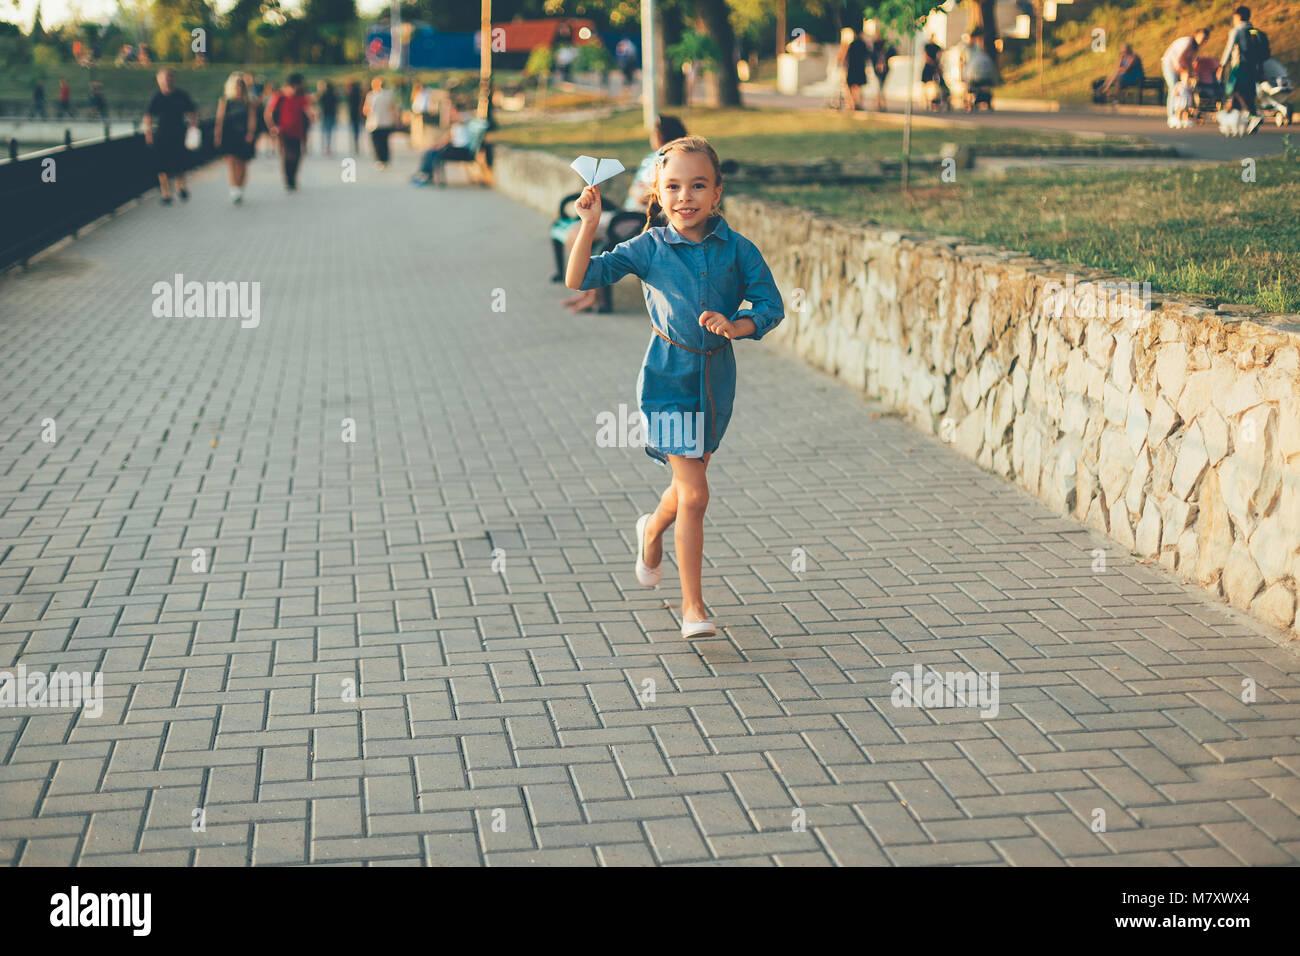 Criança brincando, correndo com brinquedo avião de papel no parque, no pavage cinza perto do lago em denim Imagens de Stock